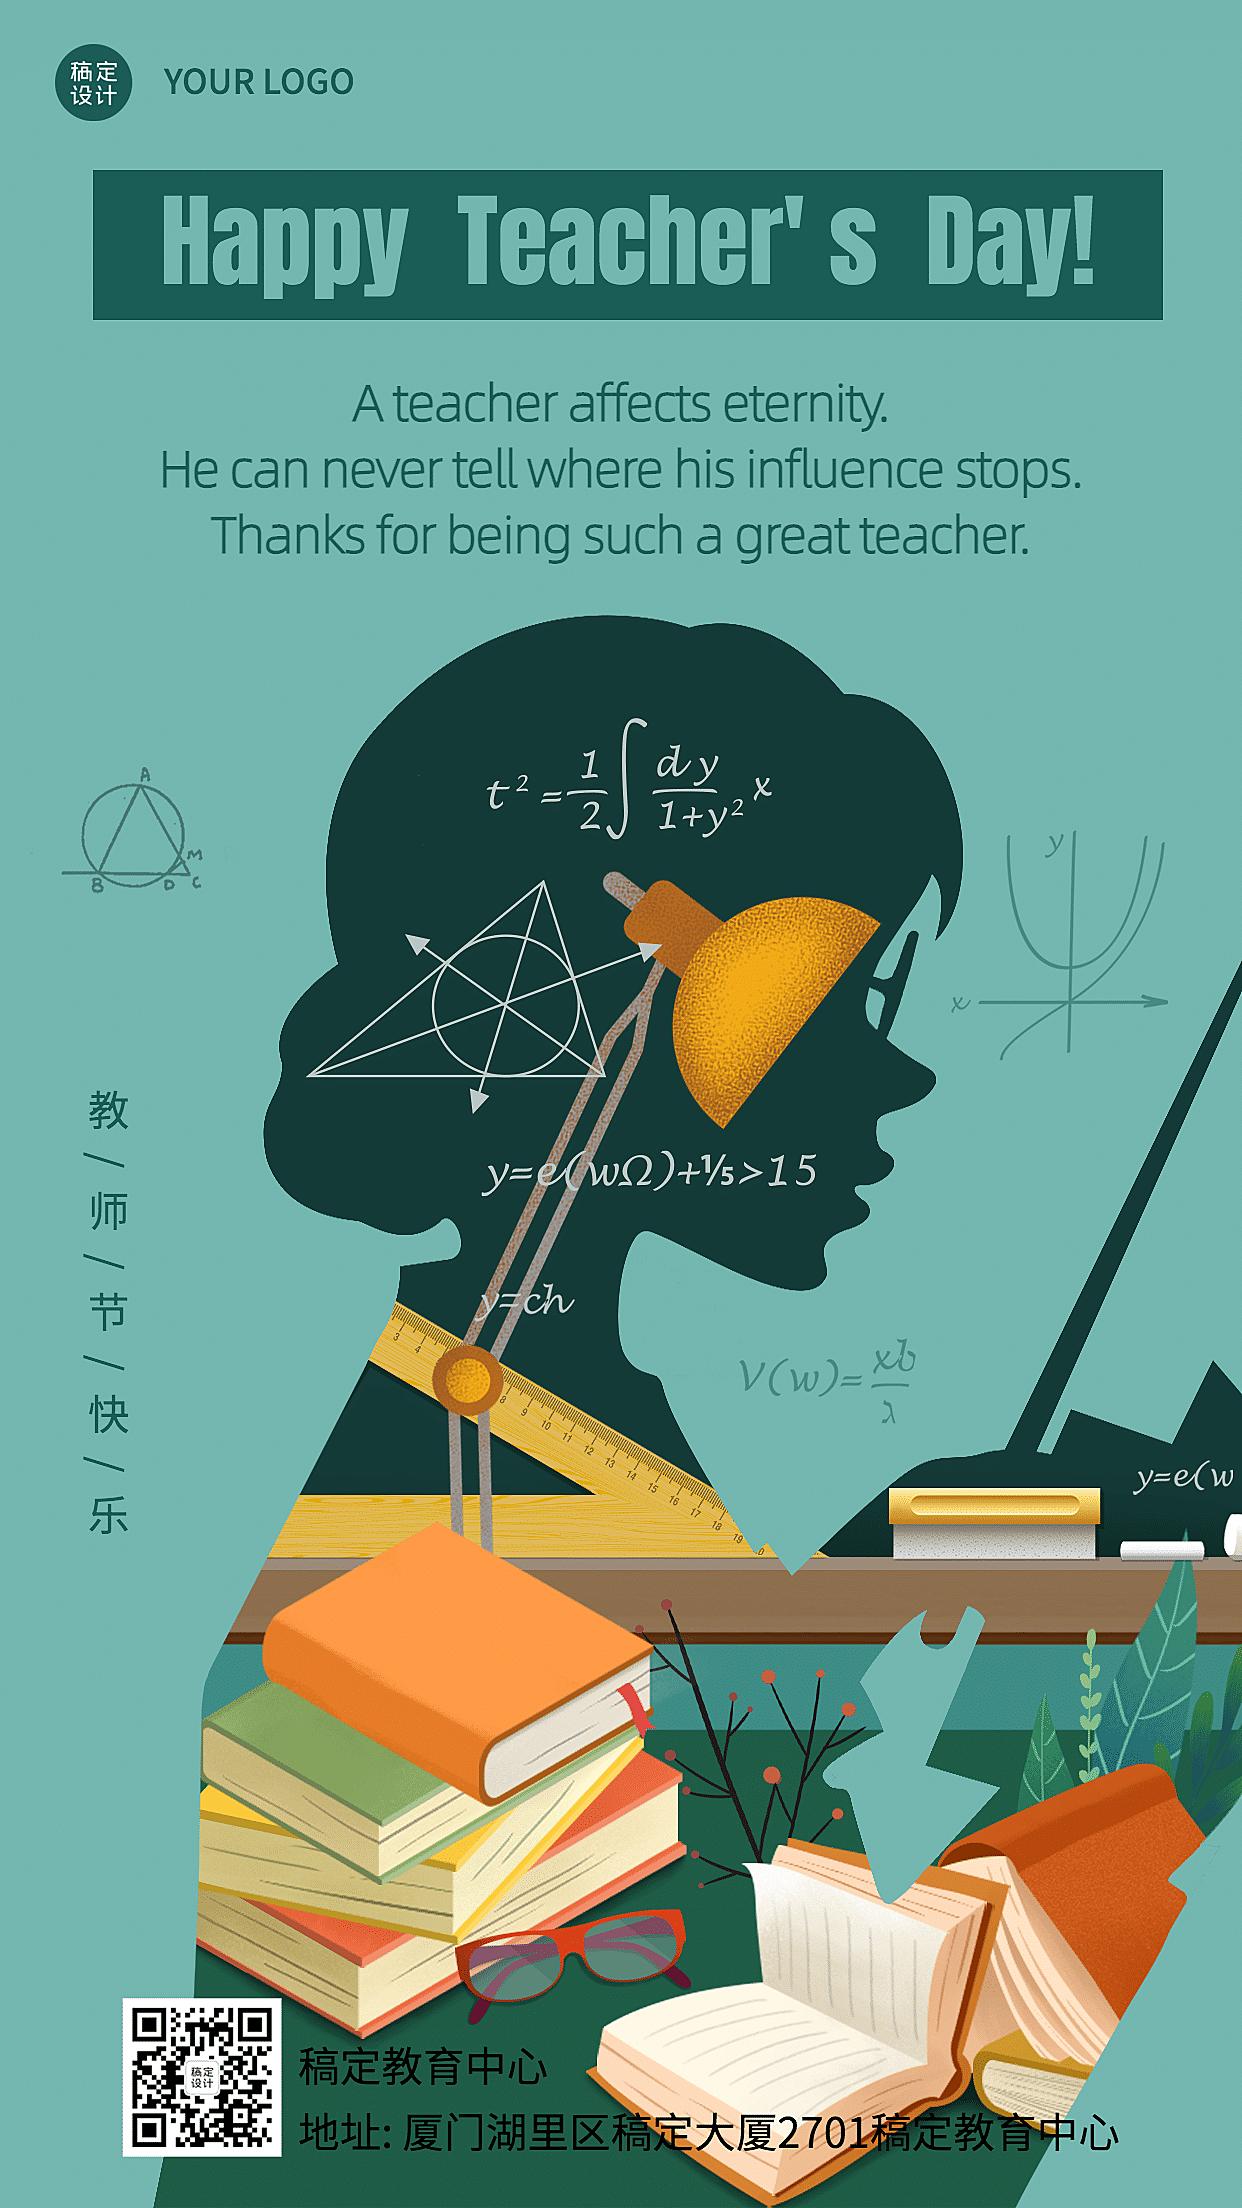 教师节各科老师祝福手机海报